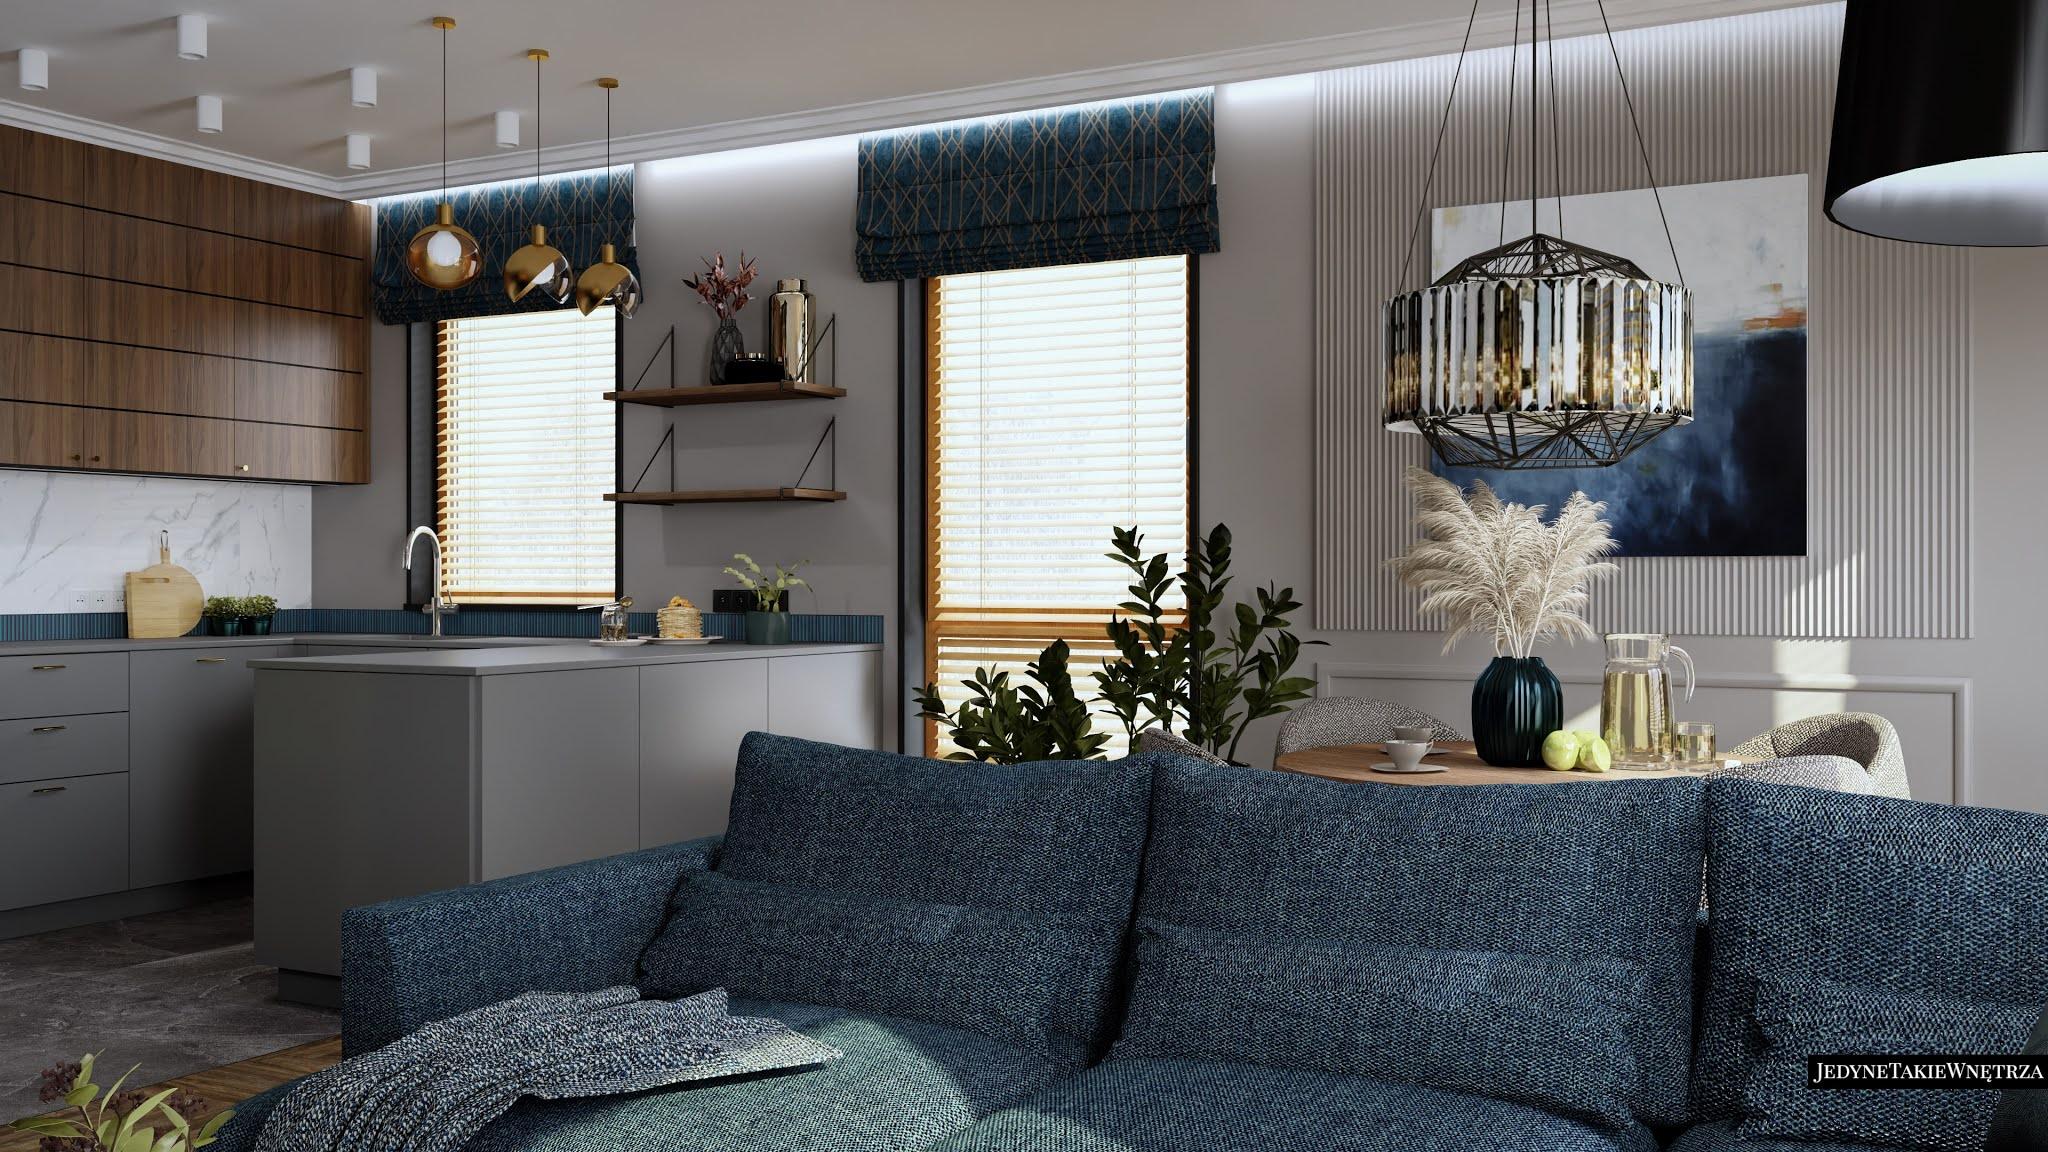 Nowoczesny salon z kuchnią. Na ścianie płytki imitujące marmur, drewniano-szare meble w kuchni. Wnętrze zdobi luksusowy żyrandol.